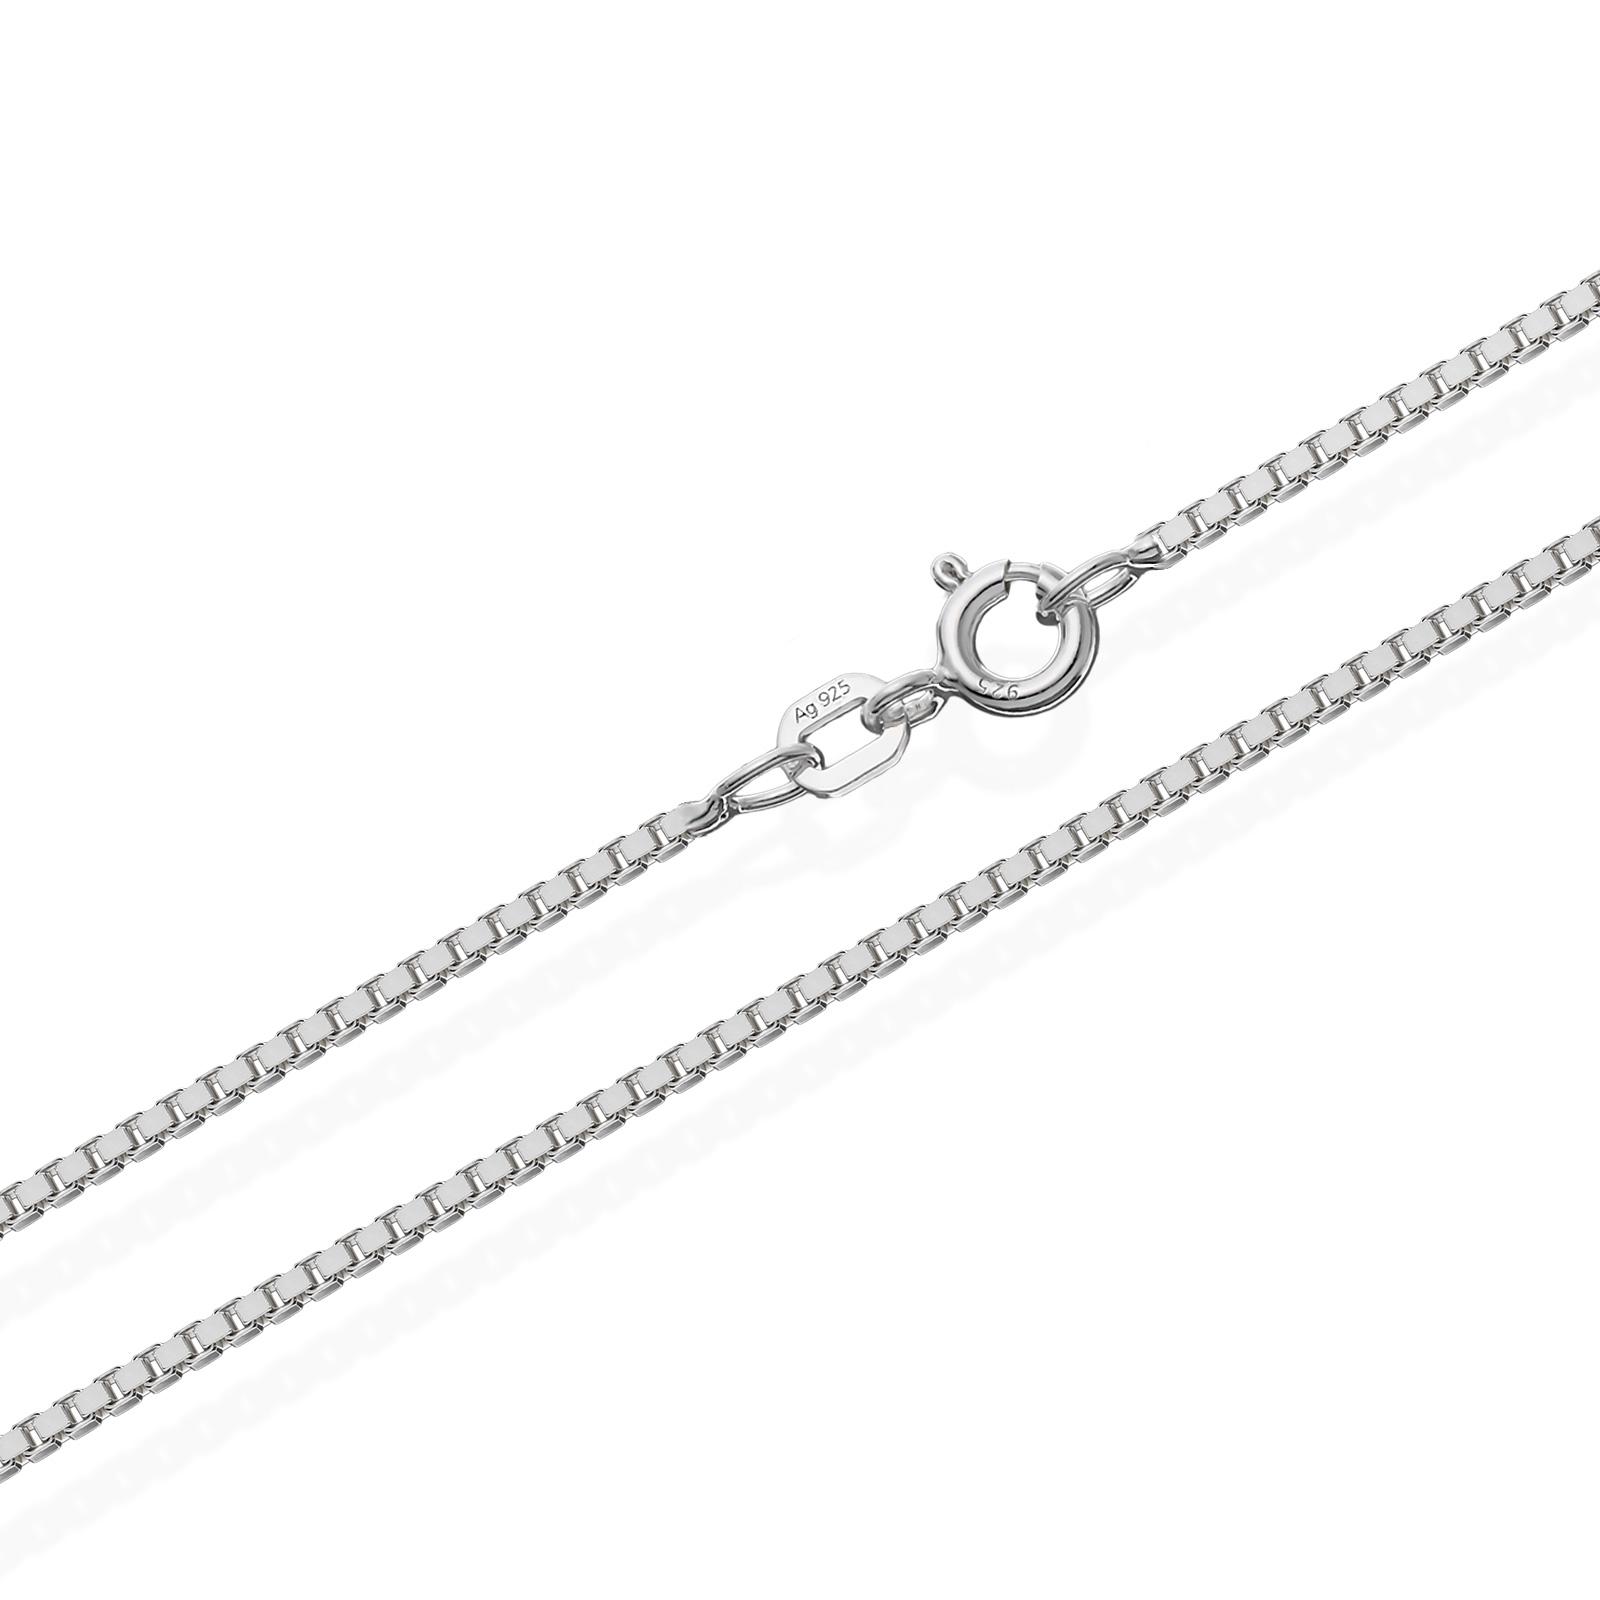 echte 925er Sterlingsilber Venezianerkette Silberkette Halskette Damen Herren 1,40mm